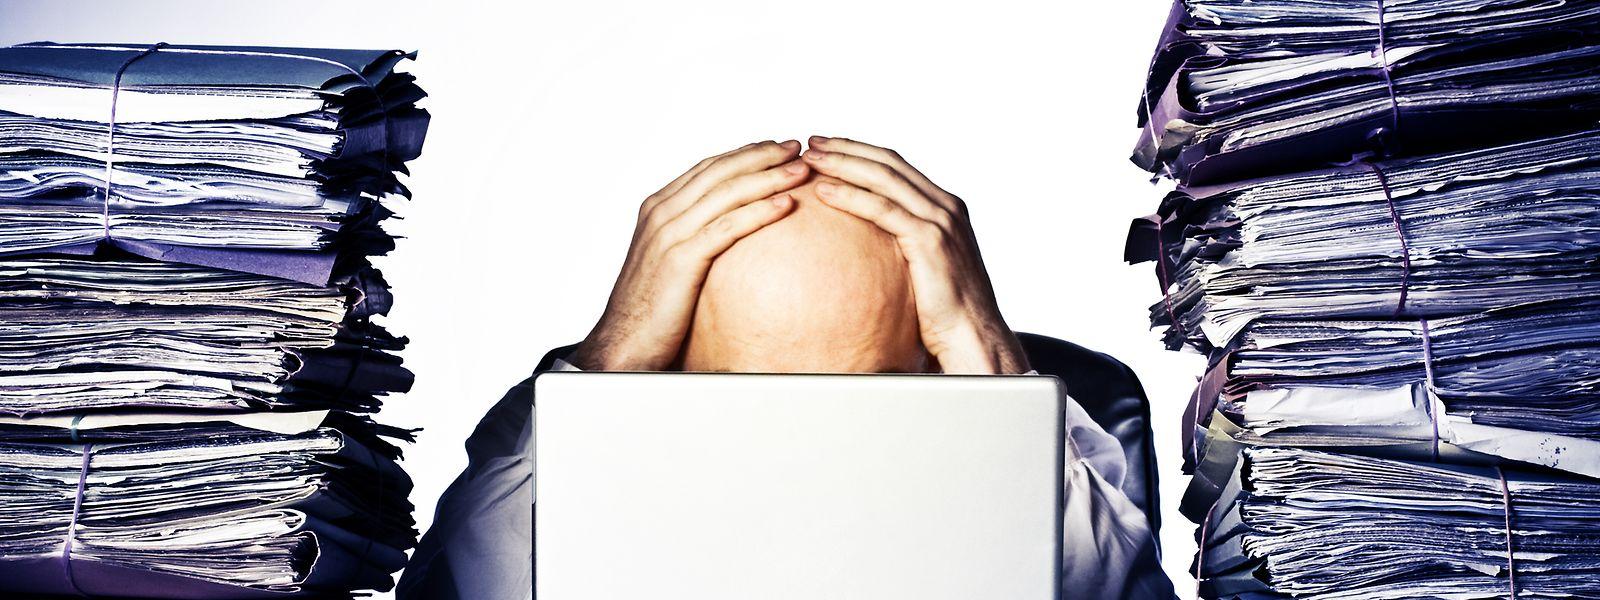 L'hyper-connectivité n'a rien de bon : ni pour le santé du salarié, ni pour sa vie personnelle. Et pas plus d'avantages pour l'entreprise qui risque de voir un collaborateur fléchir, voire définitivement flancher.